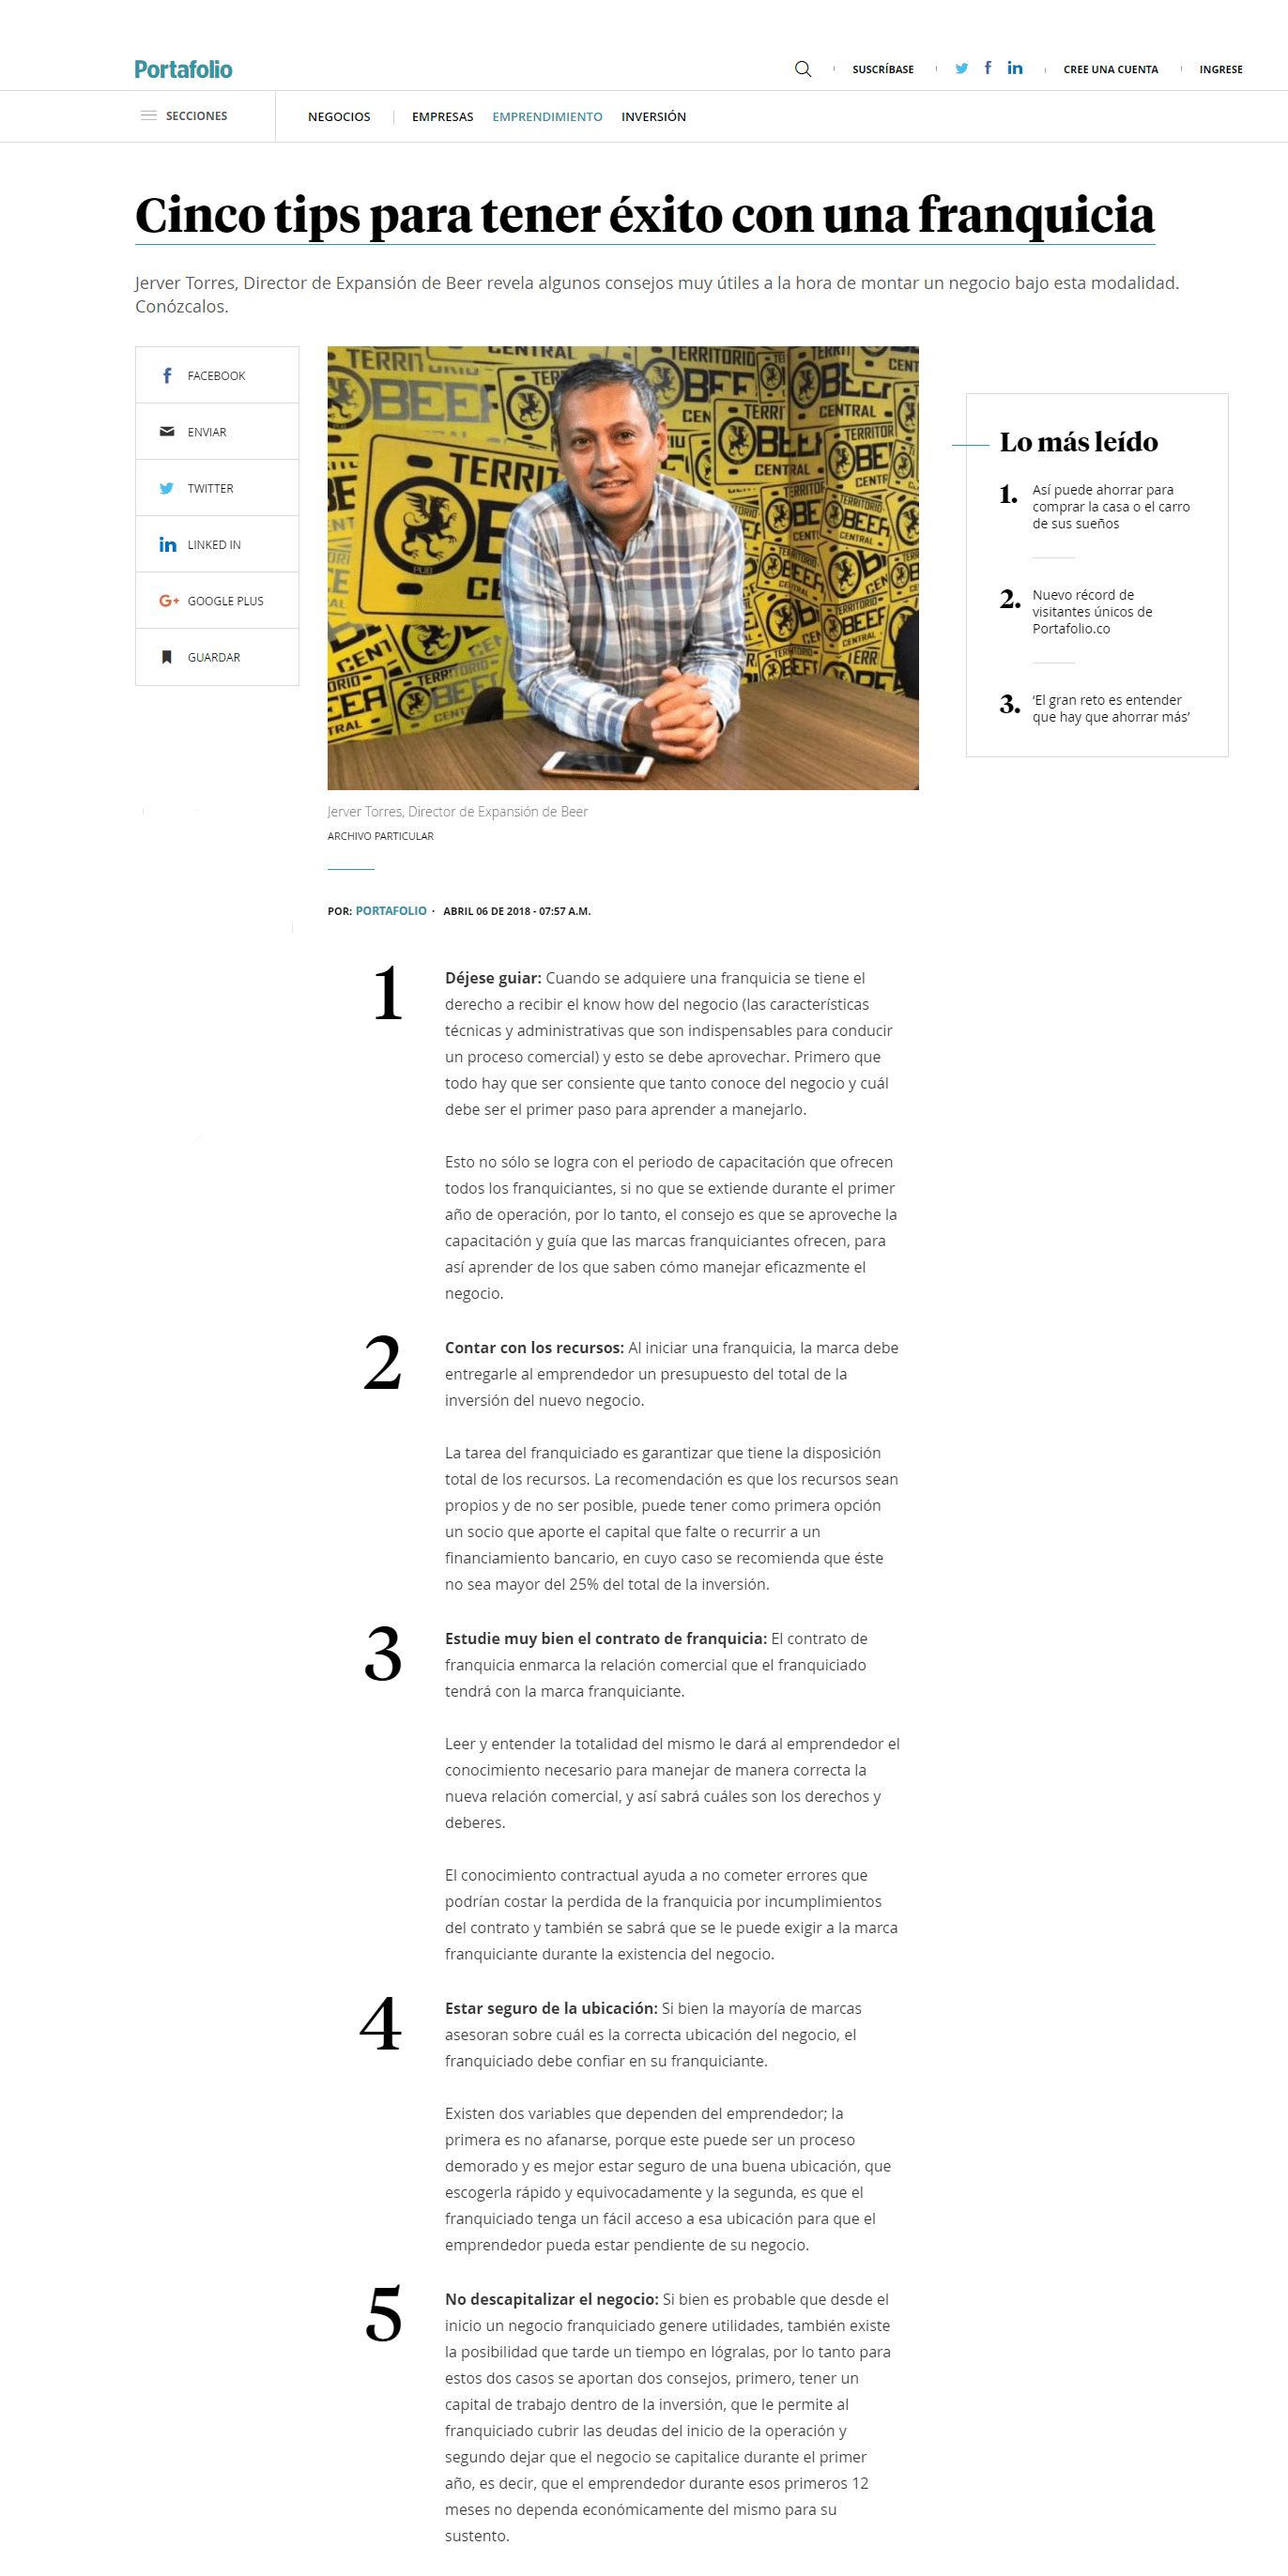 Cinco tips para tener éxito con una franquicia